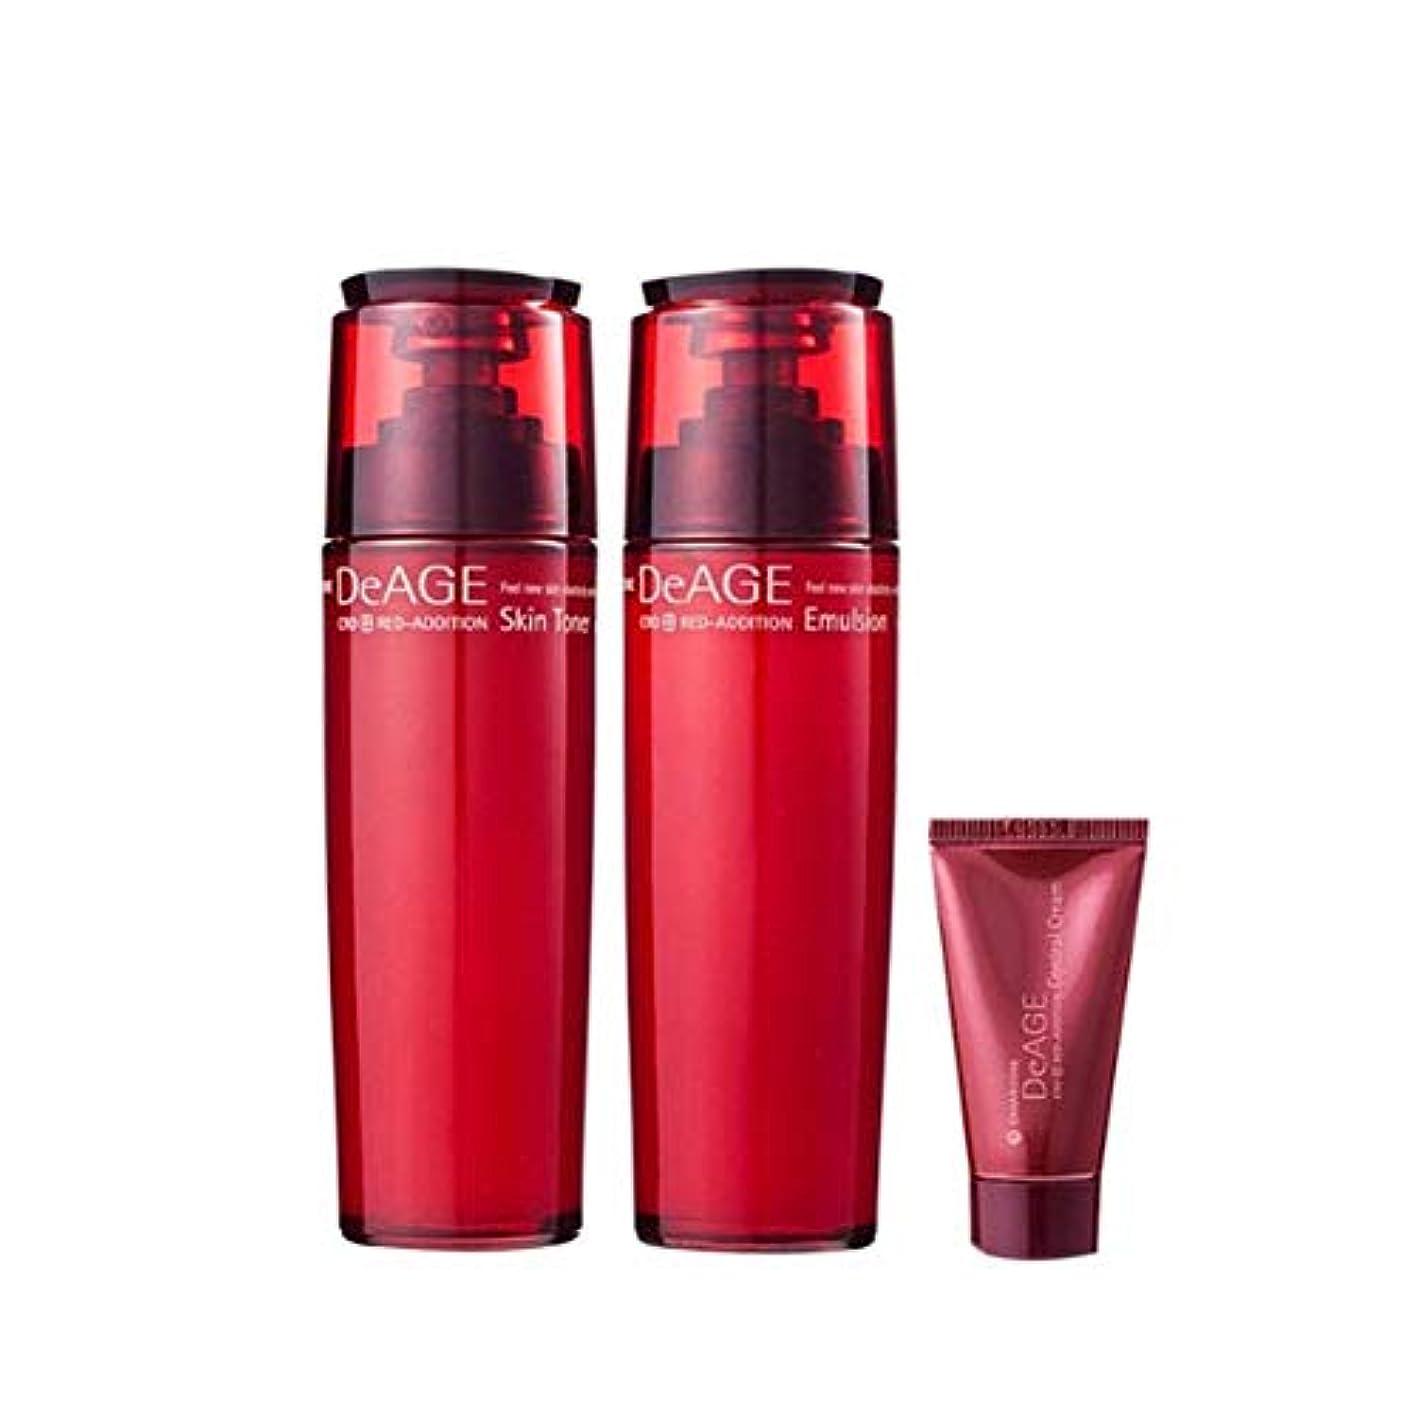 配当ゴルフ死チャムジョンディエイジレッドエディションセット(スキントナー130ml、エマルジョン130ml、コントロールクリーム15ml)、Charmzone DeAGE Red Addition Set(Skin Toner 130ml...